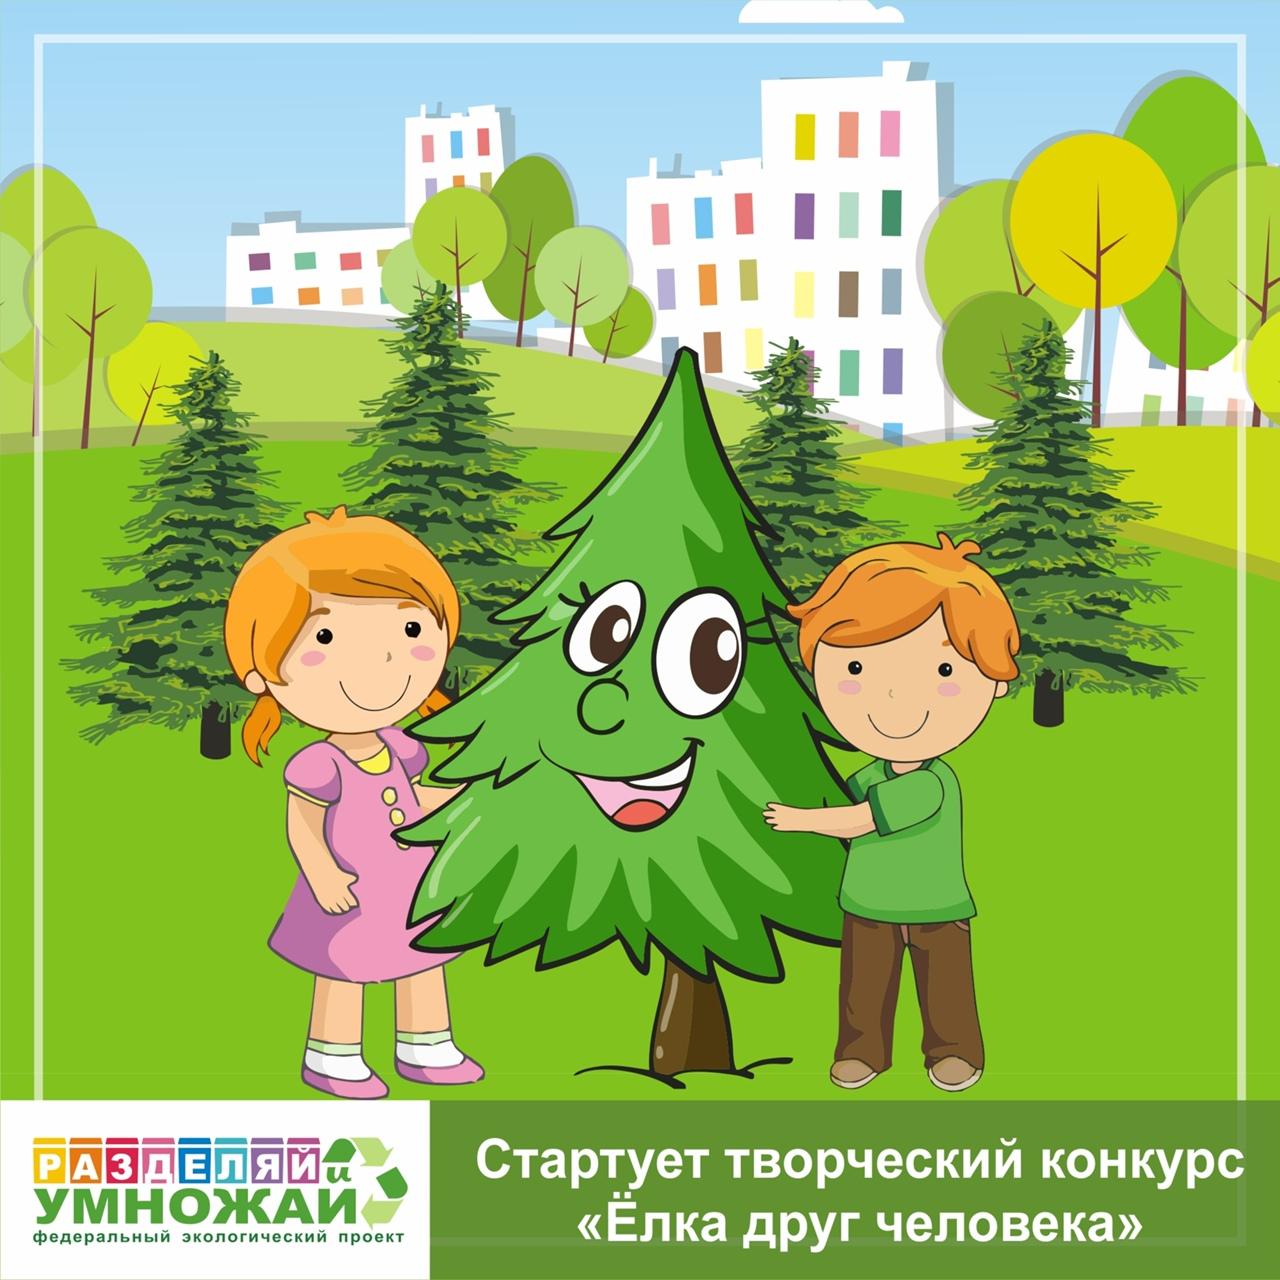 Новый творческий конкурс «Елка – друг человека» стартовал в Москве